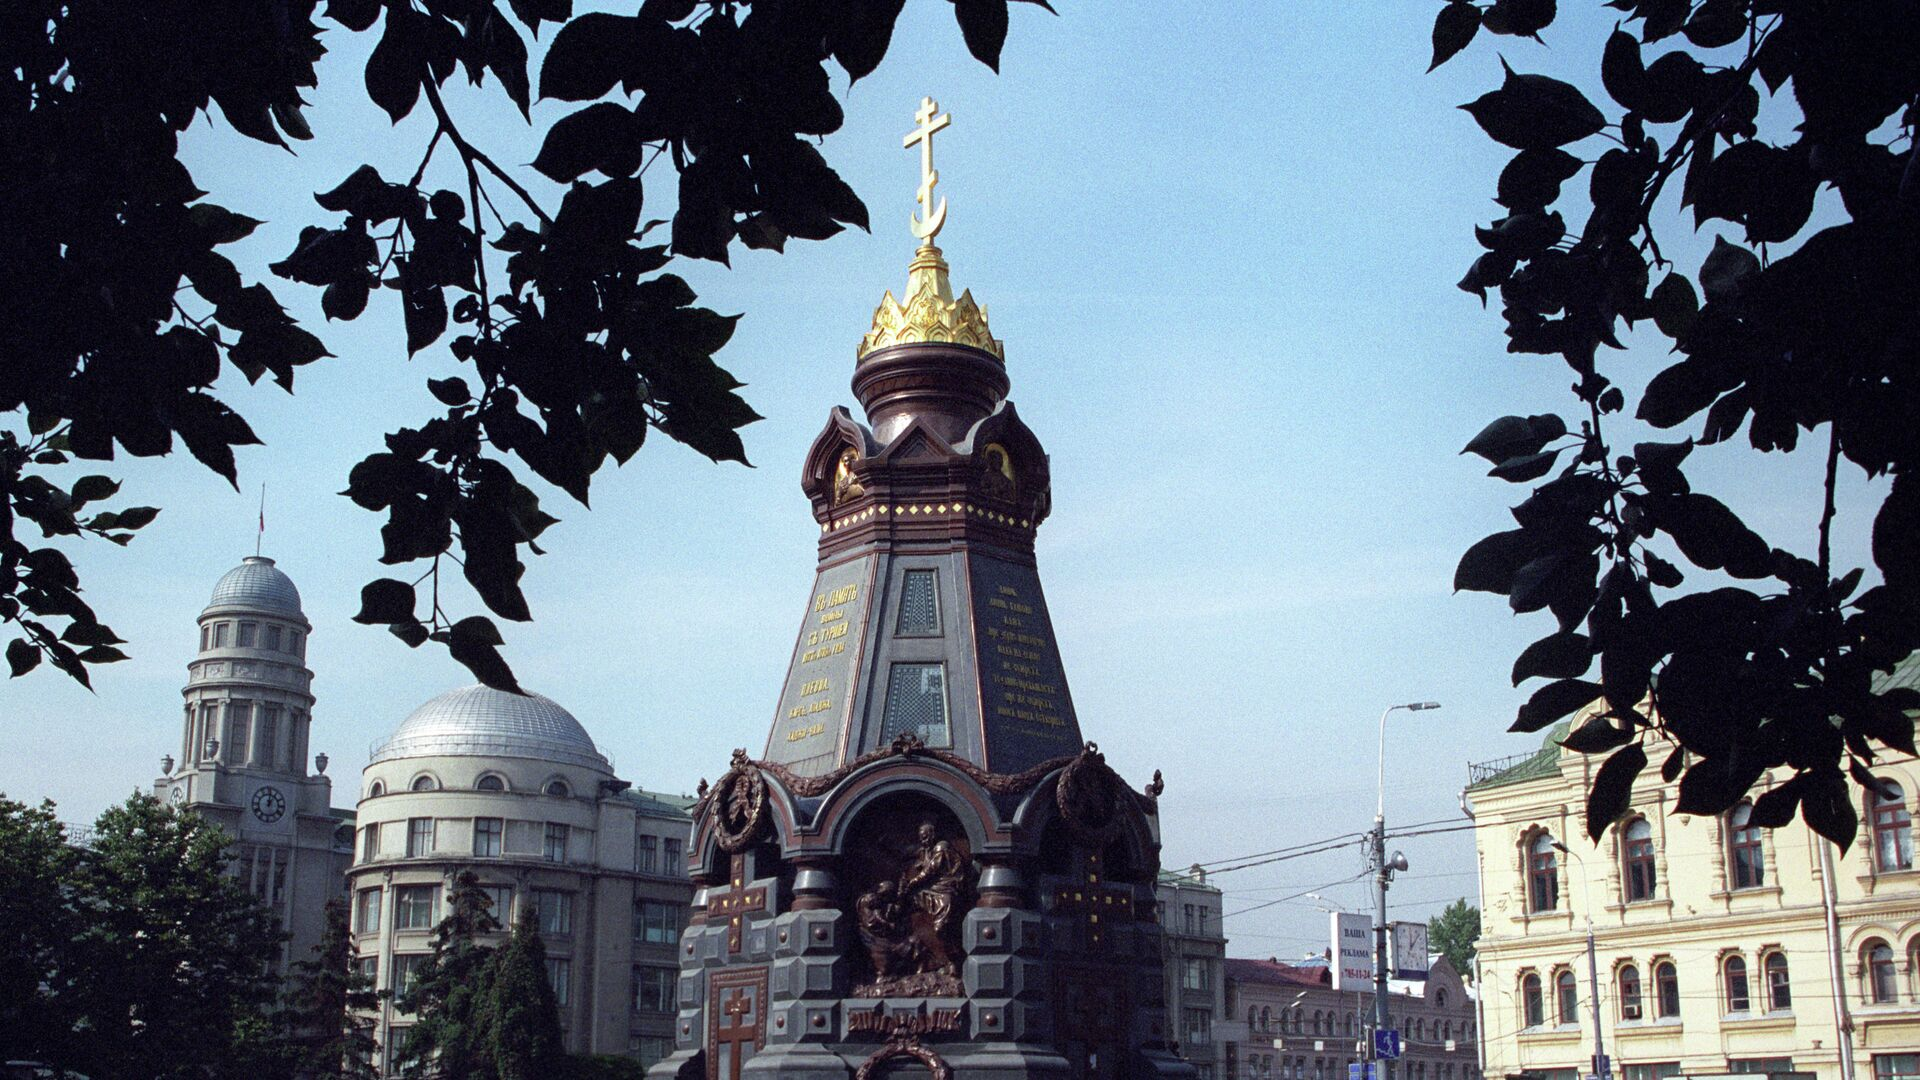 Памятник Героям Плевны в Ильинском сквере - РИА Новости, 1920, 18.05.2021